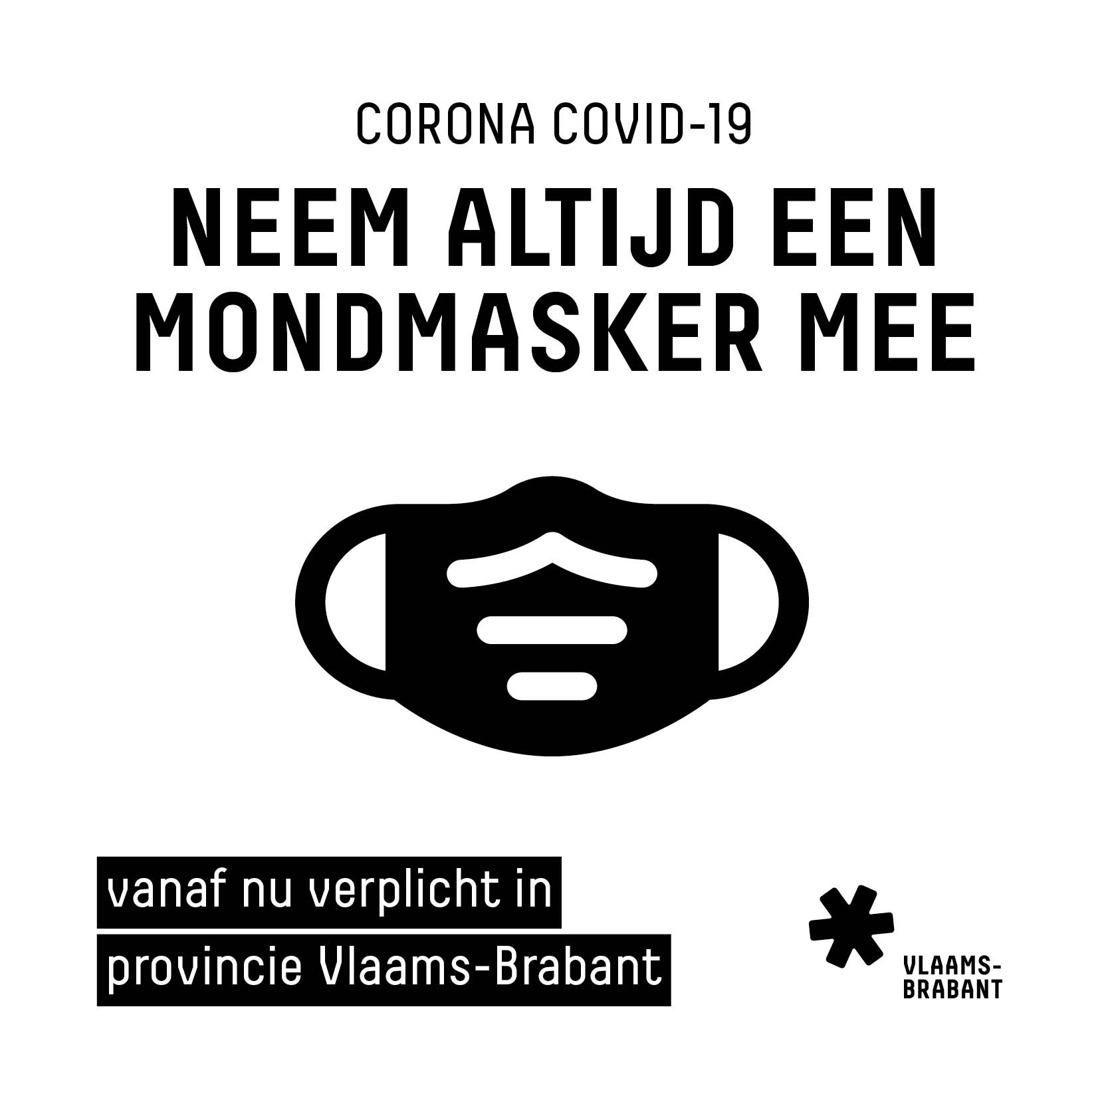 Mondmasker verplicht bij zich te hebben in Vlaams-Brabant